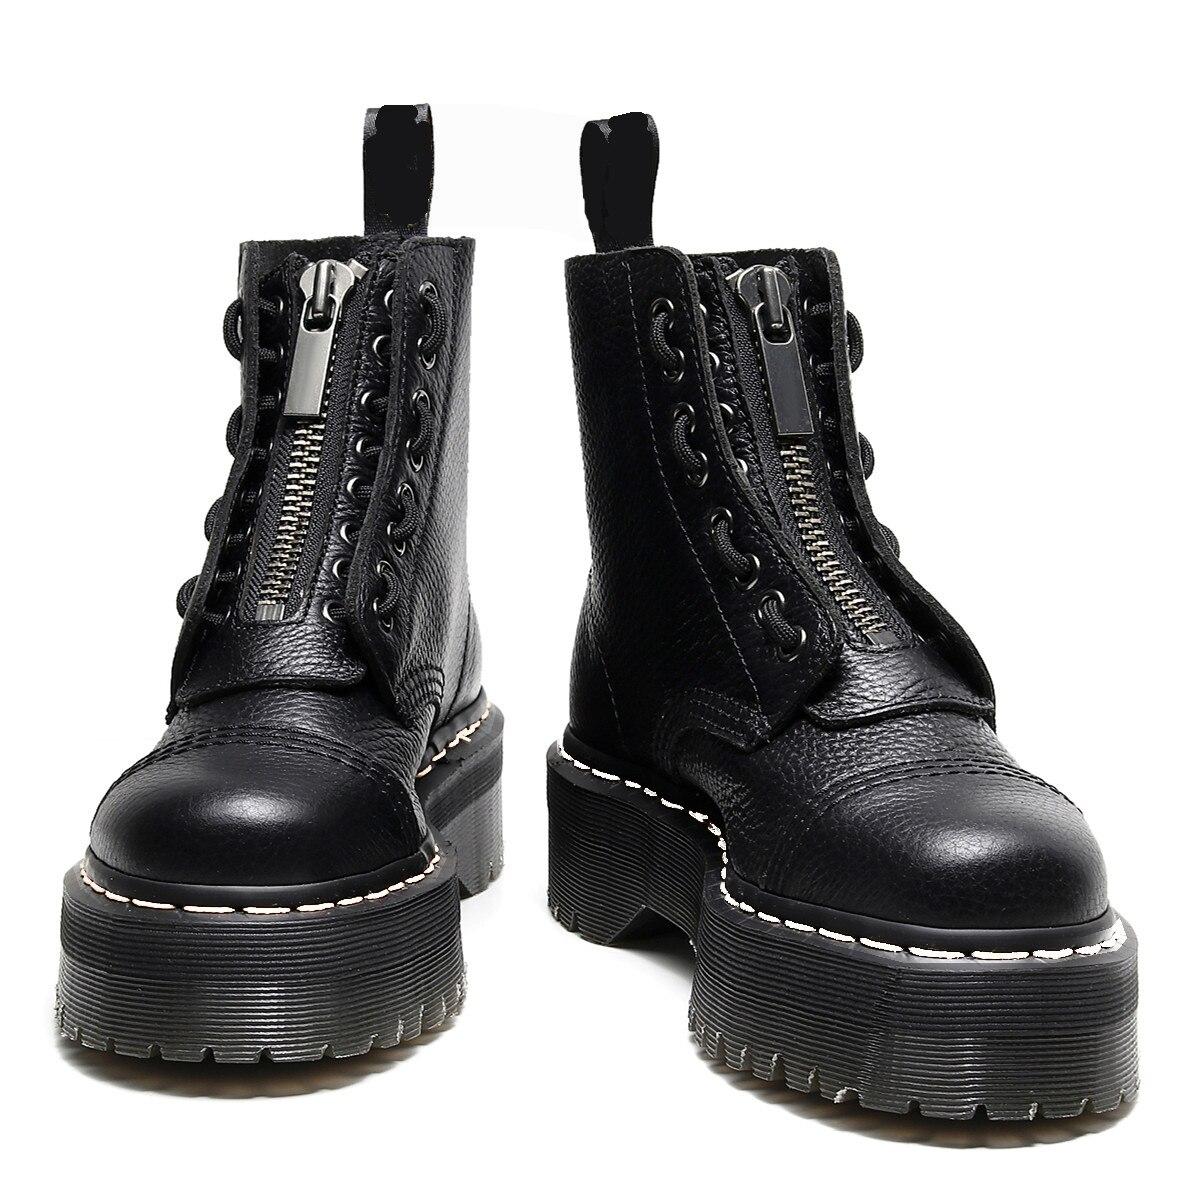 حذاء نسائي ذو نعل سميك شتوي موضة 2021 مزود بسحّاب من الجلد حذاء نسائي بمقدمة دائرية حذاء بوت قتال